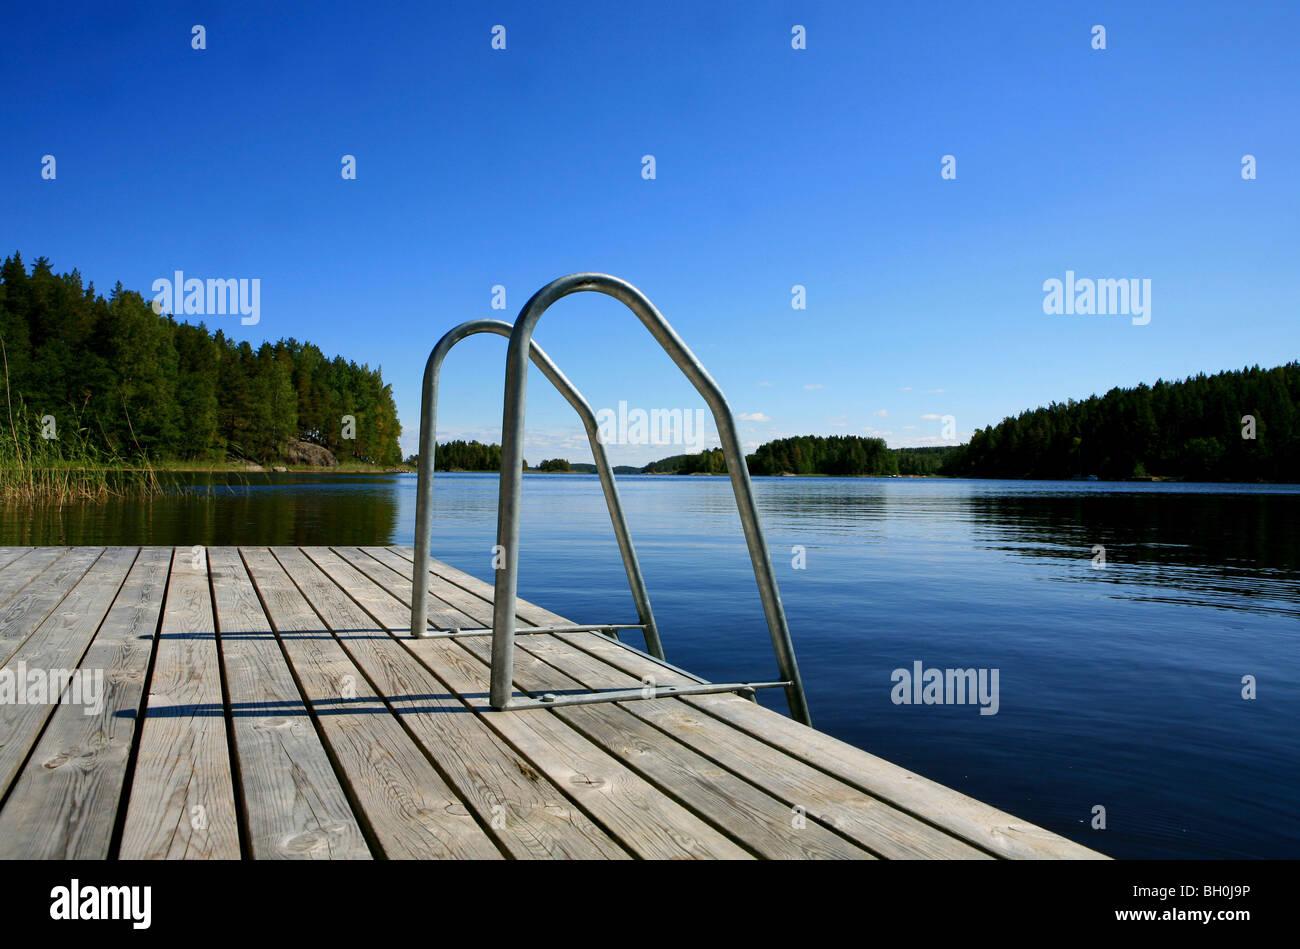 Ponton privé dans une baie sous le ciel bleu, le lac Saimaa, District de la Finlande, de l'Europe Photo Stock